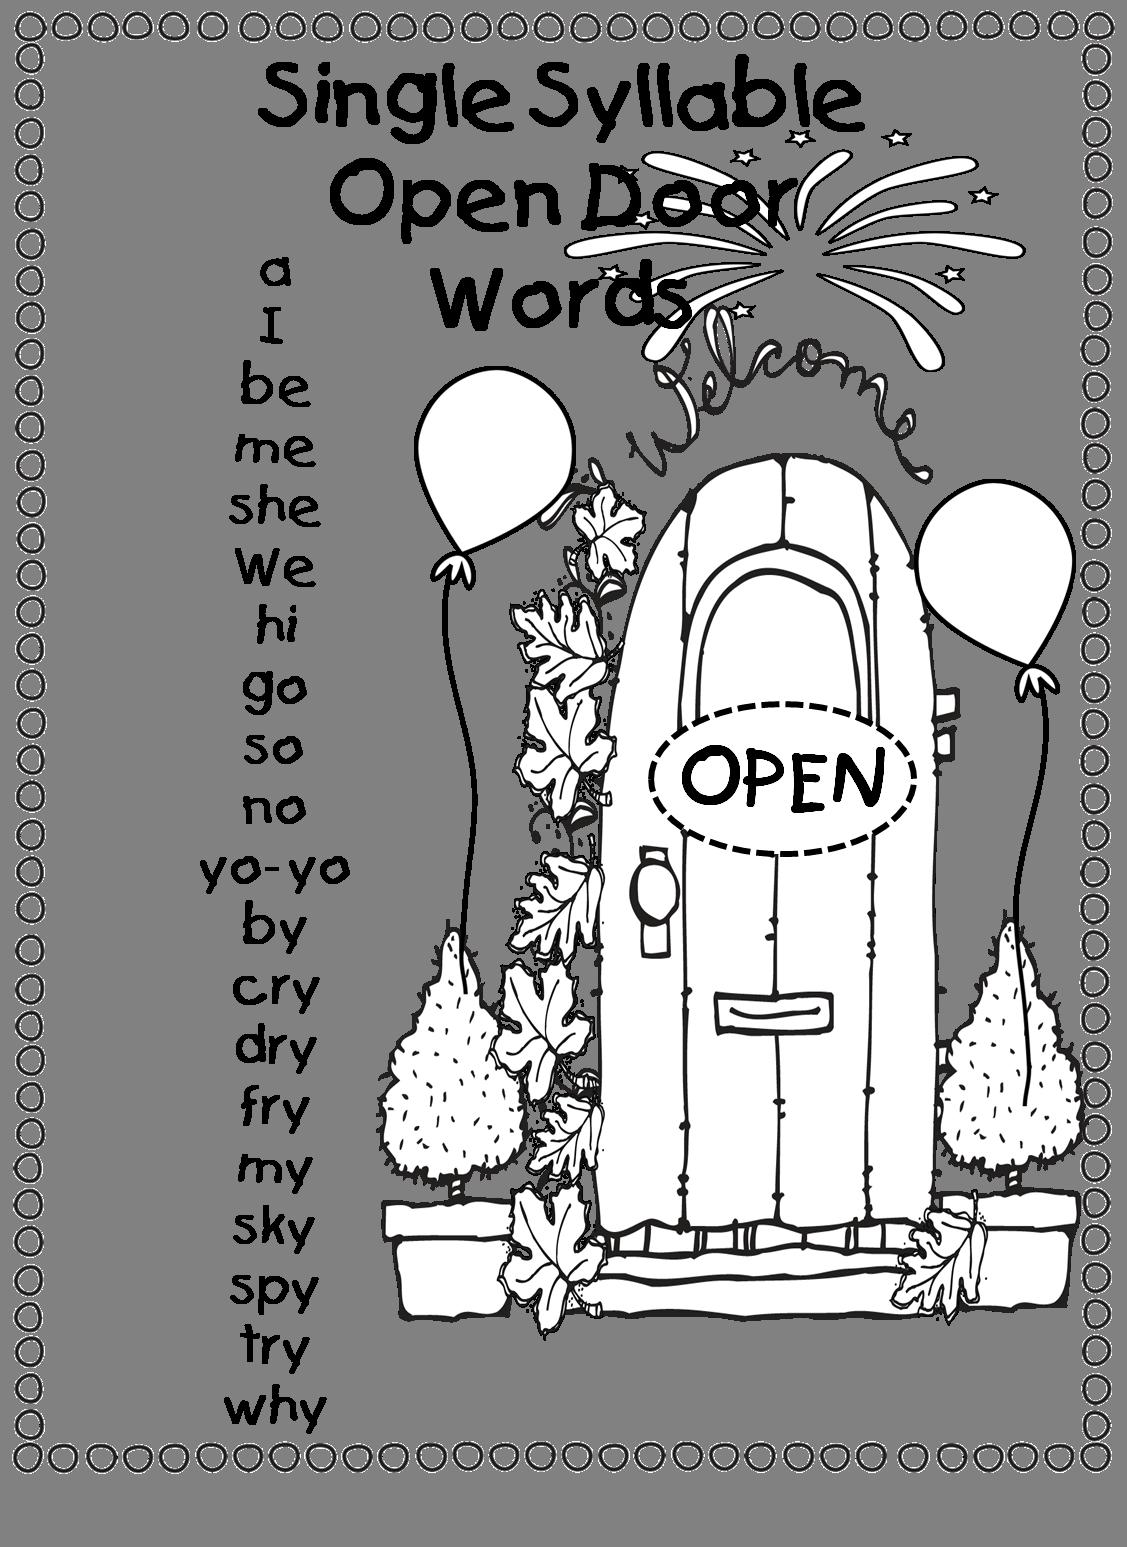 single syllable  u0026quot open door words    open vowel words u0026quot